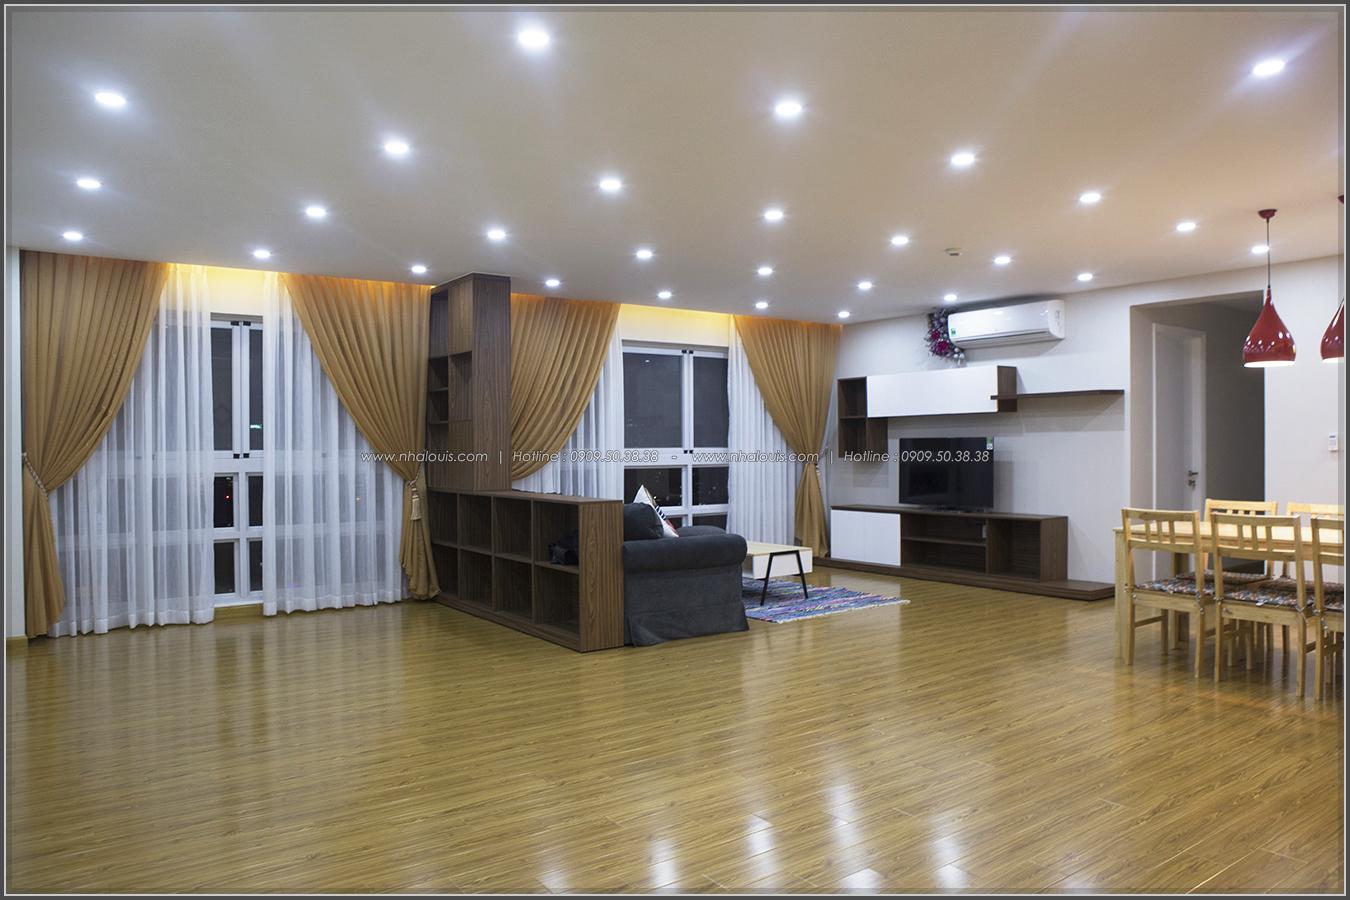 Thiết kế thi công nội thất căn hộ cao cấp Happy Valley quận 7 - 03